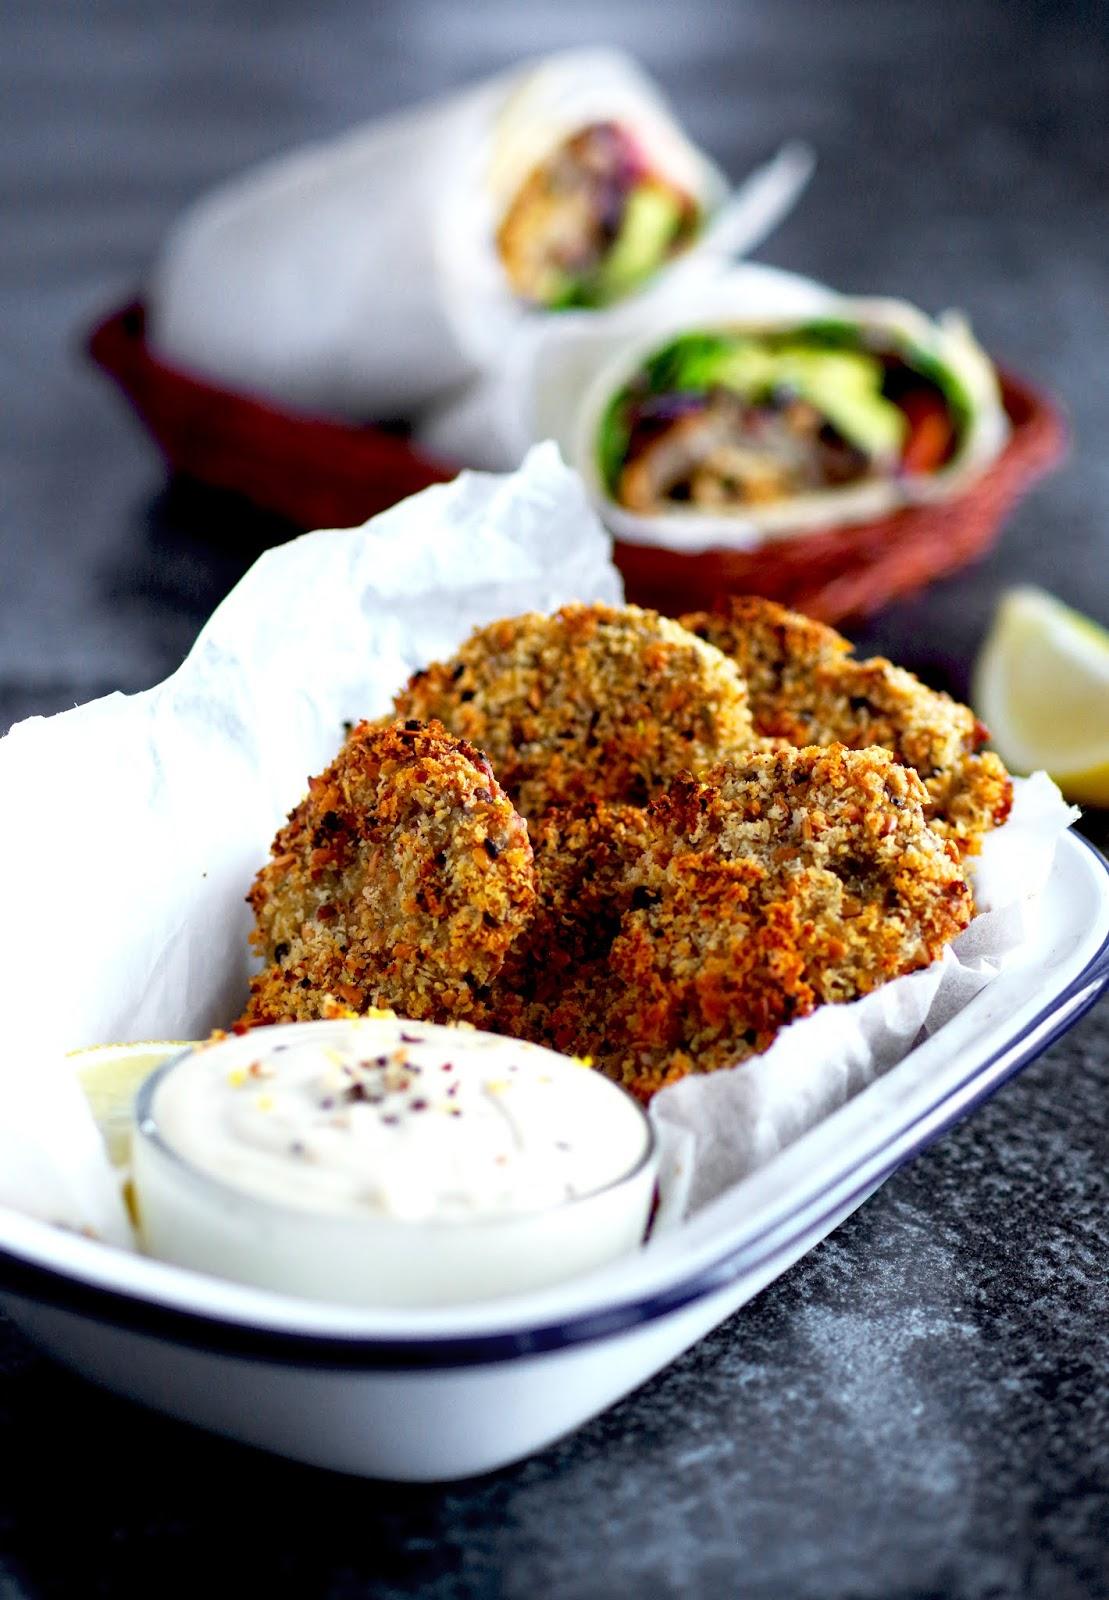 Lemon Black Pepper Oyster Mushrooms Euphoric Vegan